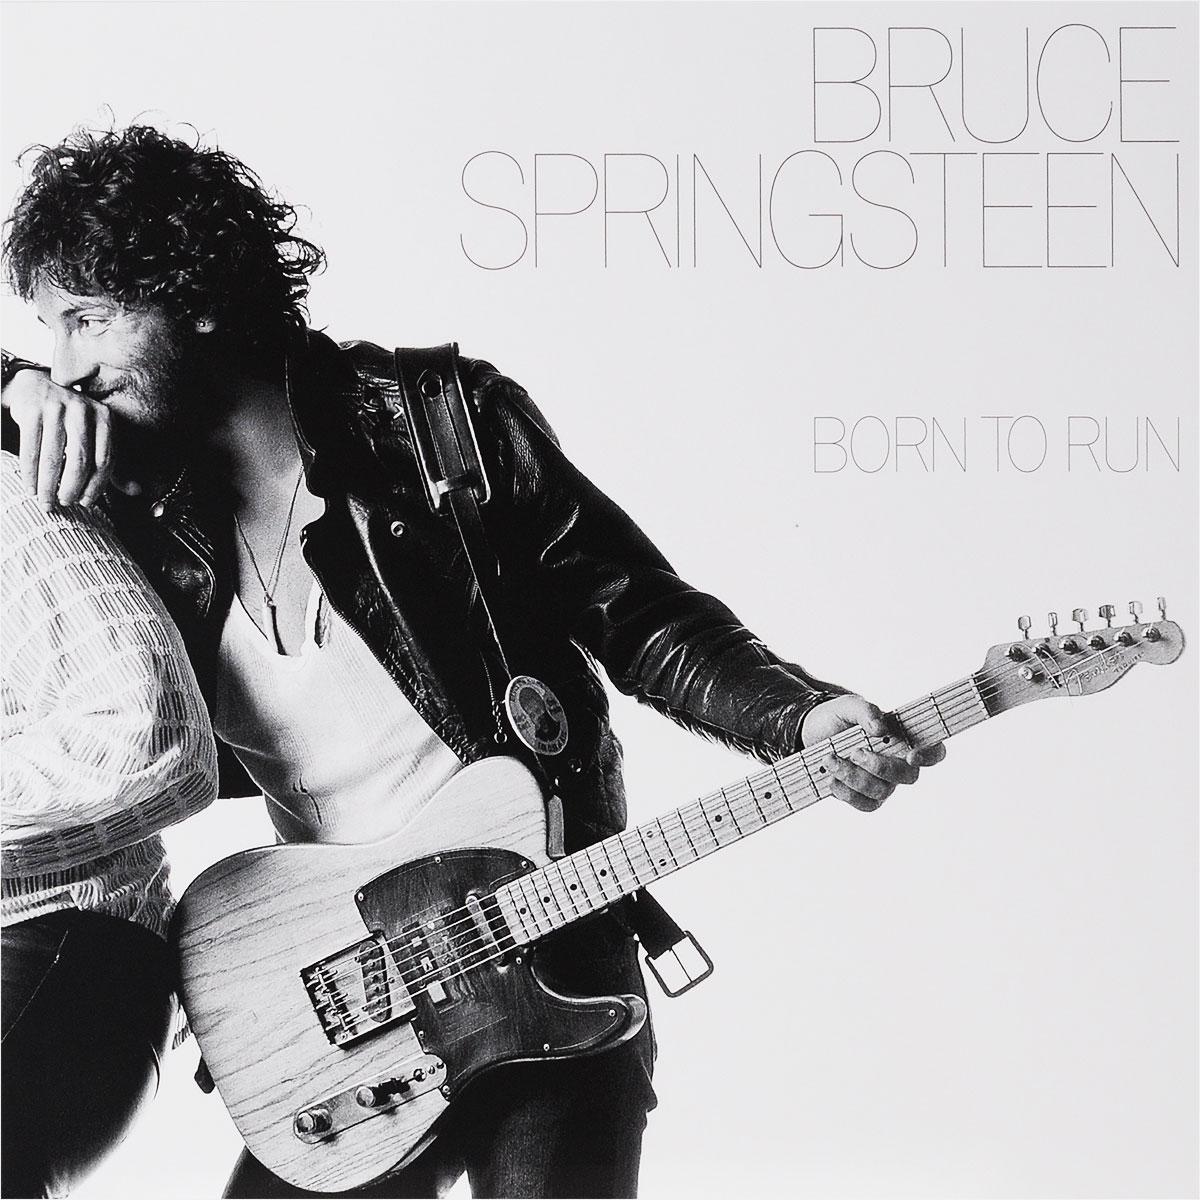 Брюс Спрингстин Bruce Springsteen. Born To Run (LP) брюс спрингстин bruce springsteen born in the u s a lp